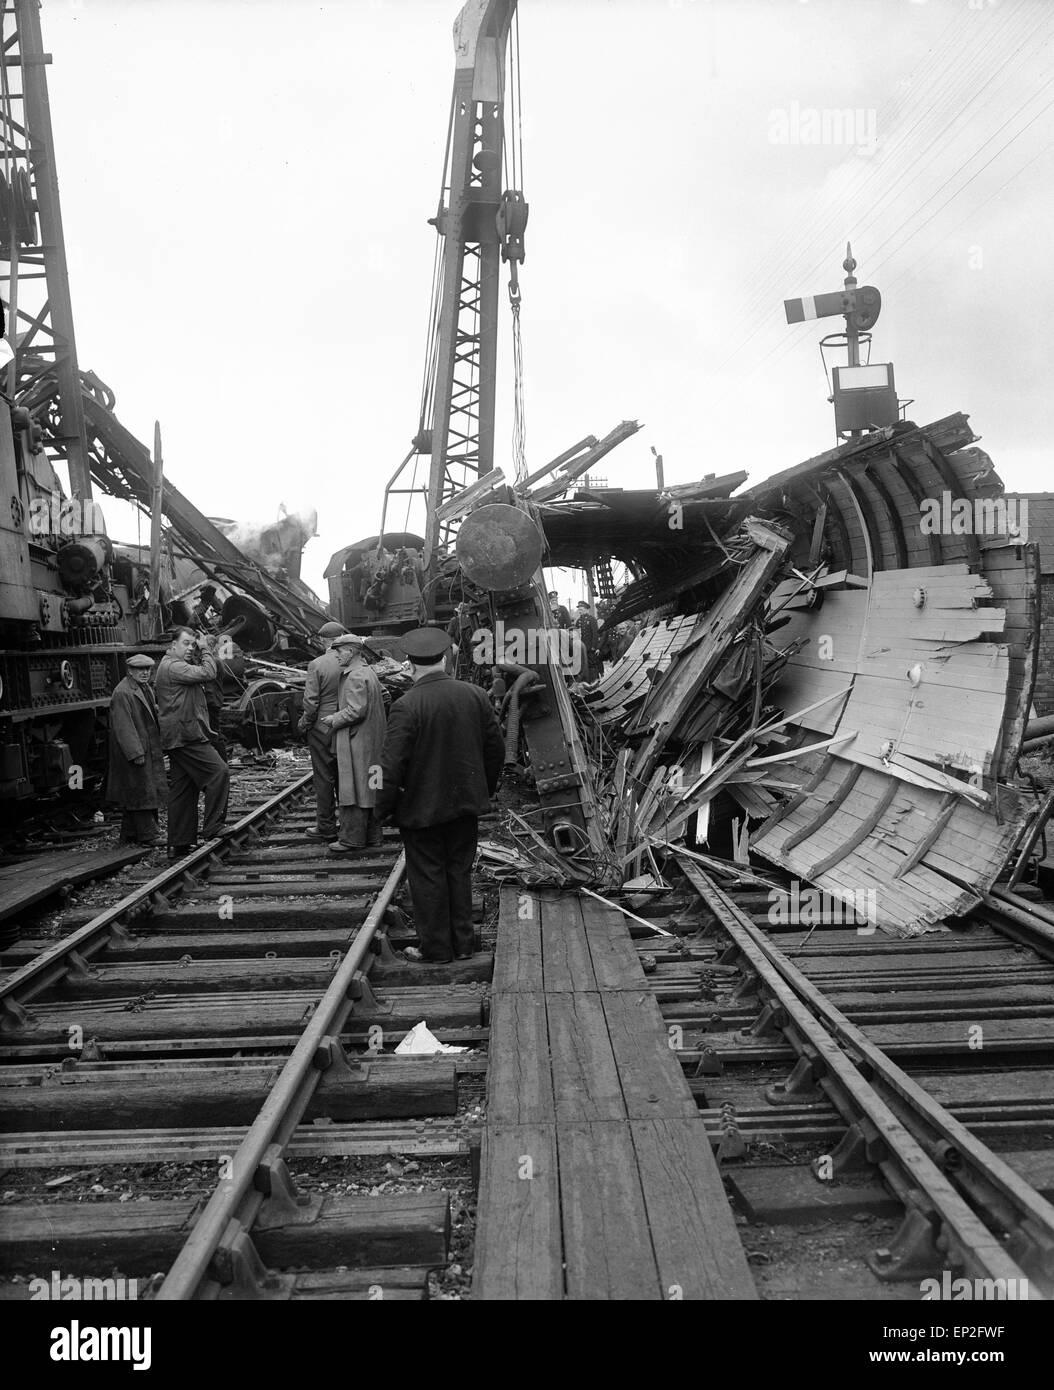 Katoomba scenic railway crash